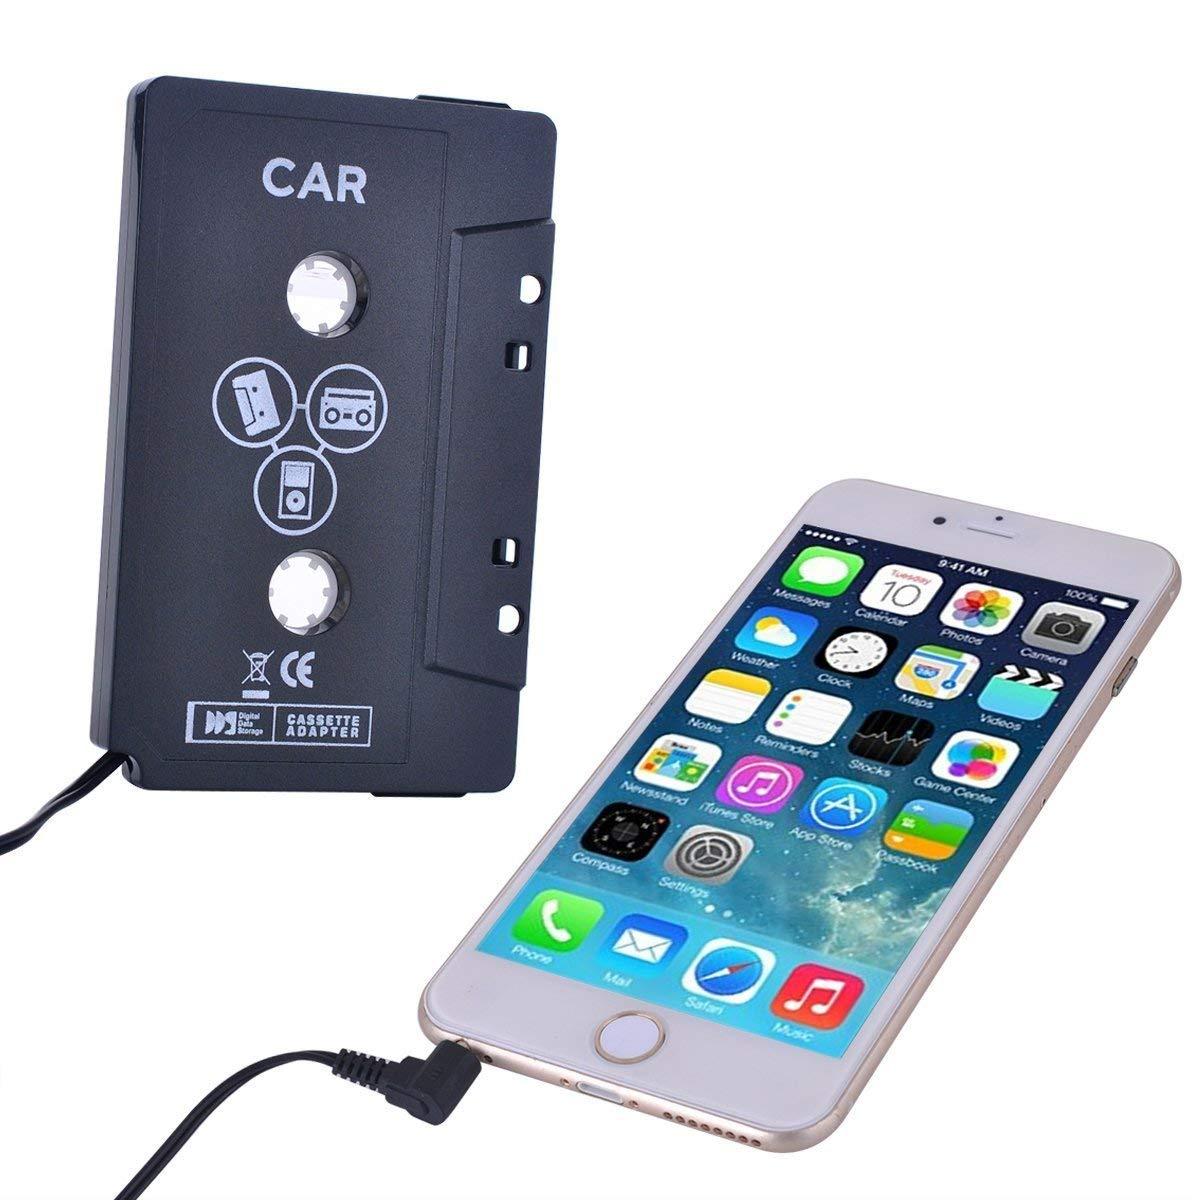 A0625 Cassette Adapter